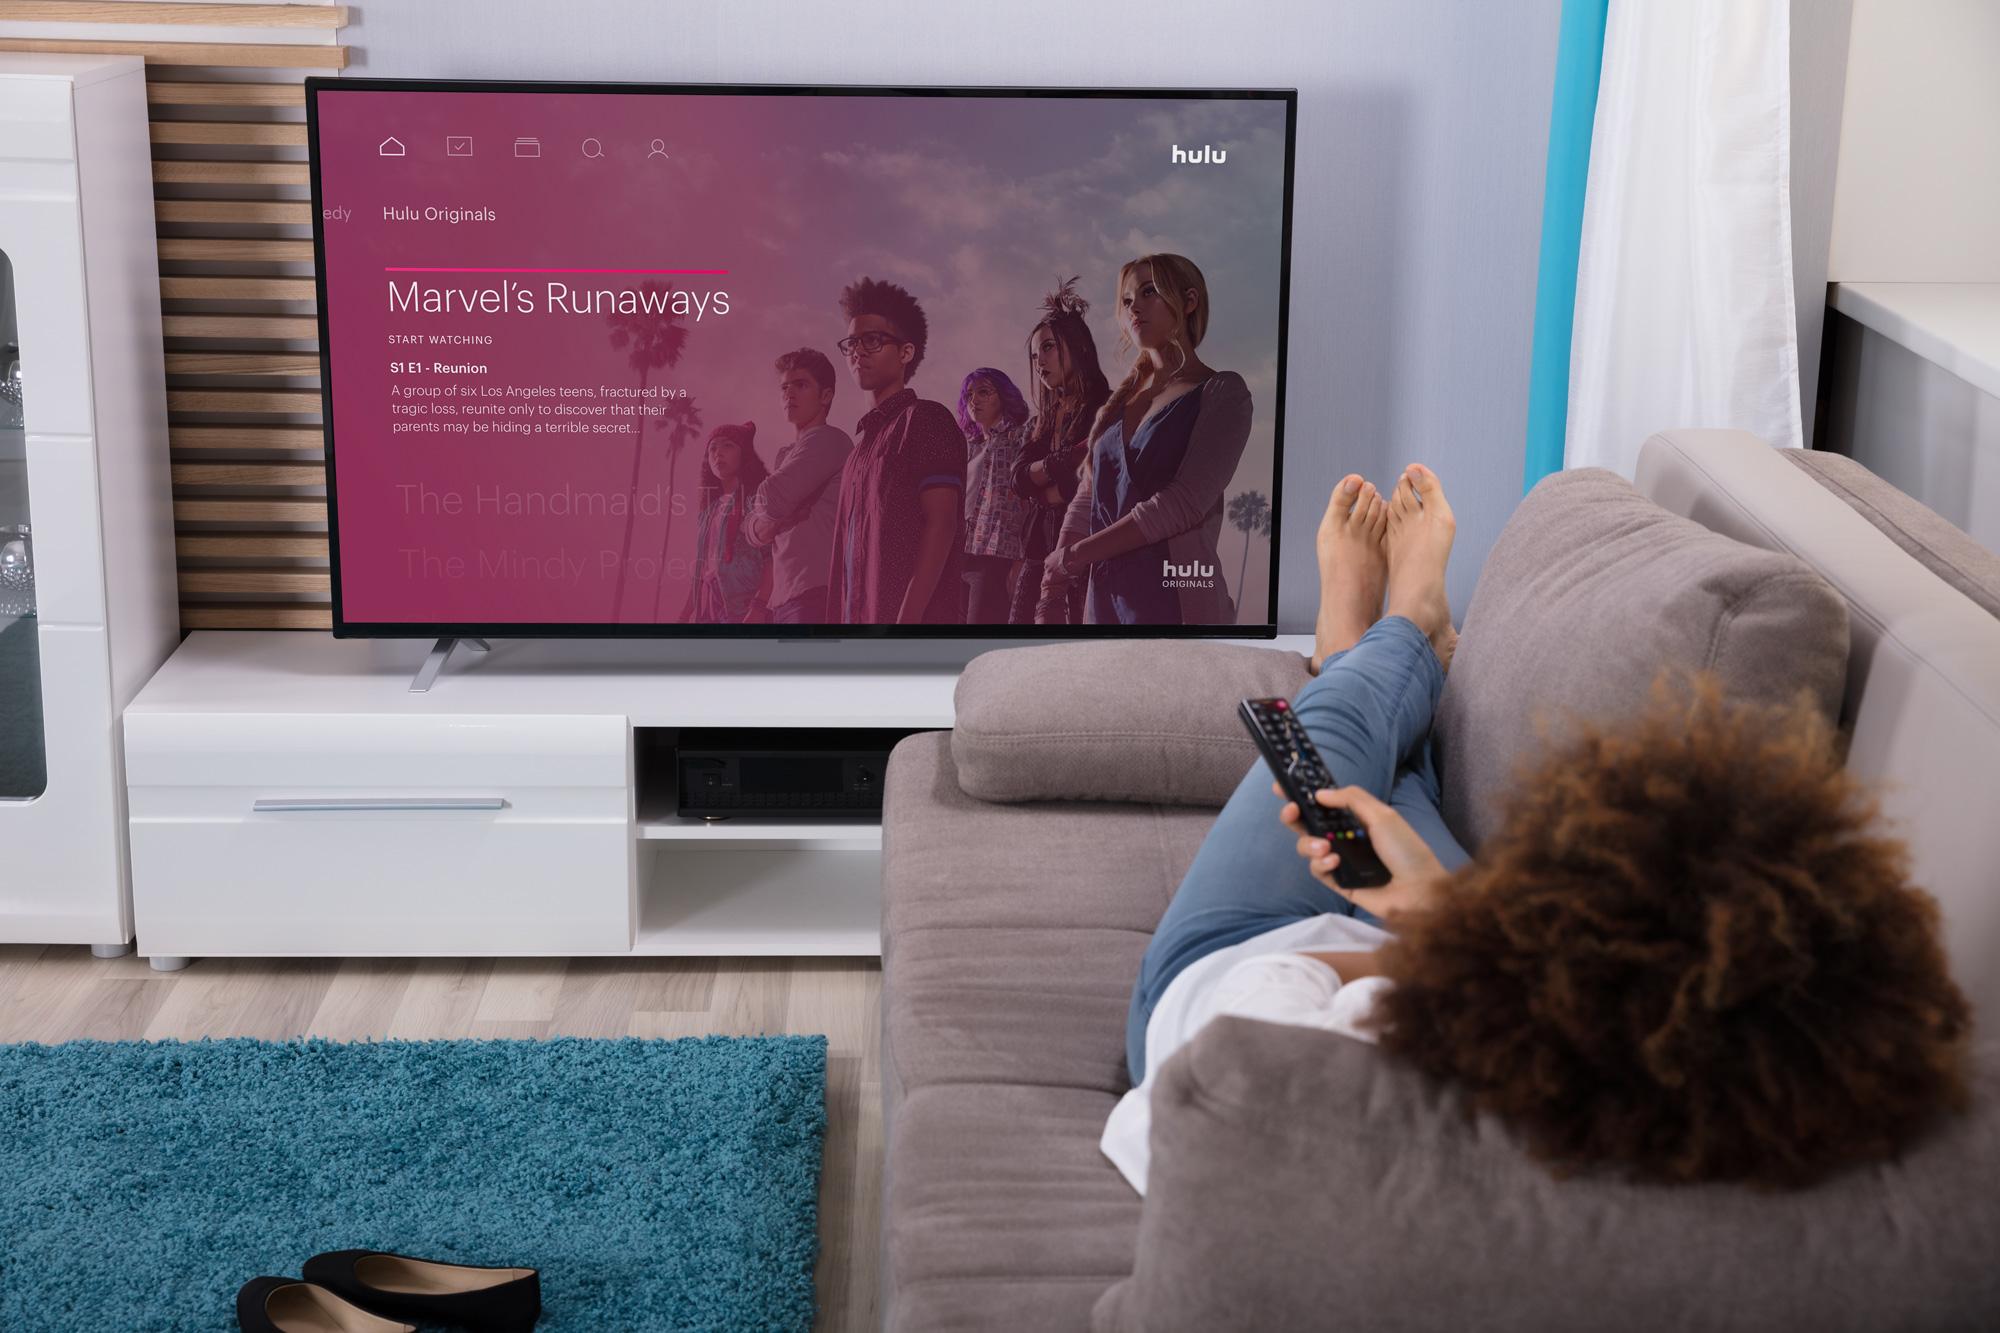 Best streaming service: Hulu